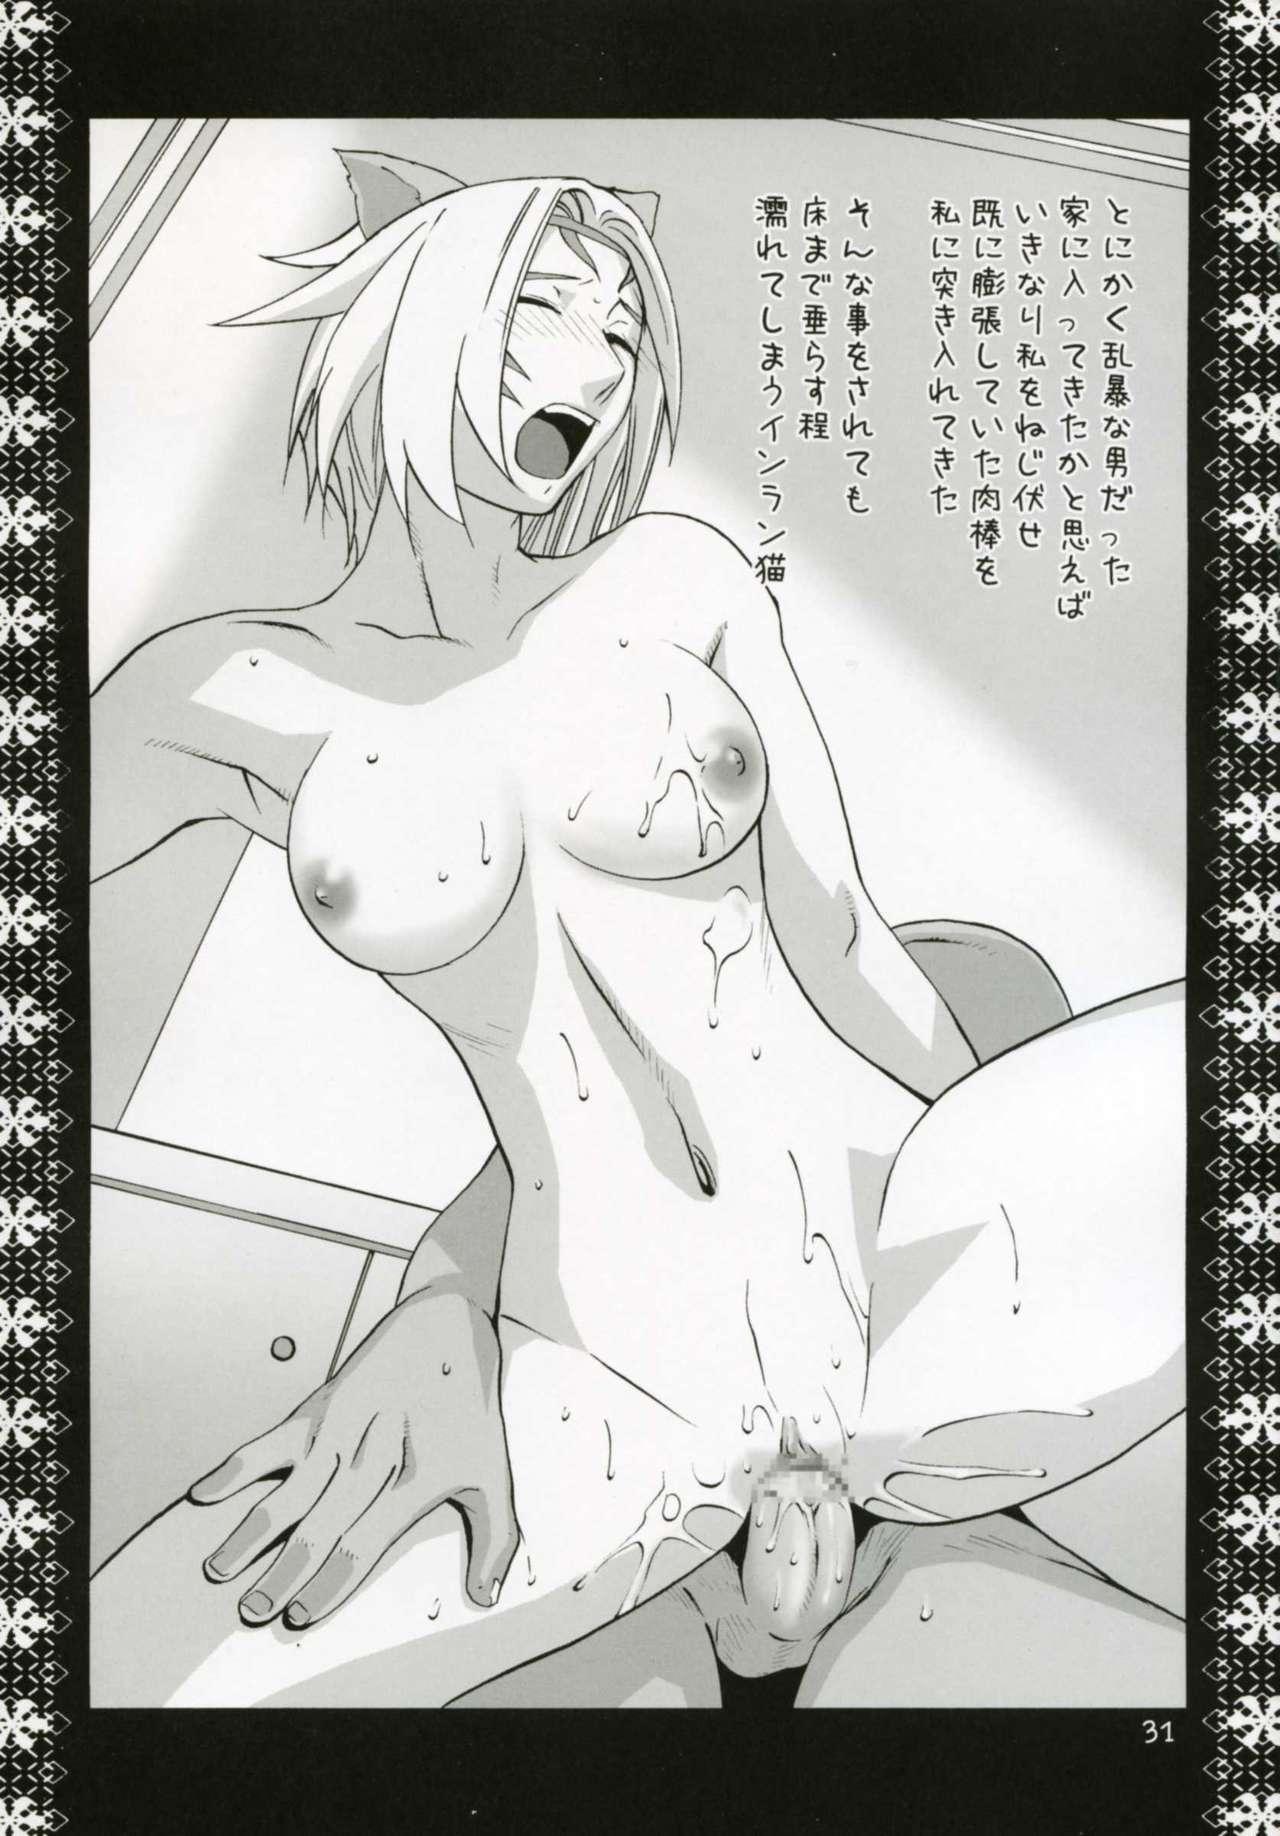 Mithra Choukyou Enikki 29